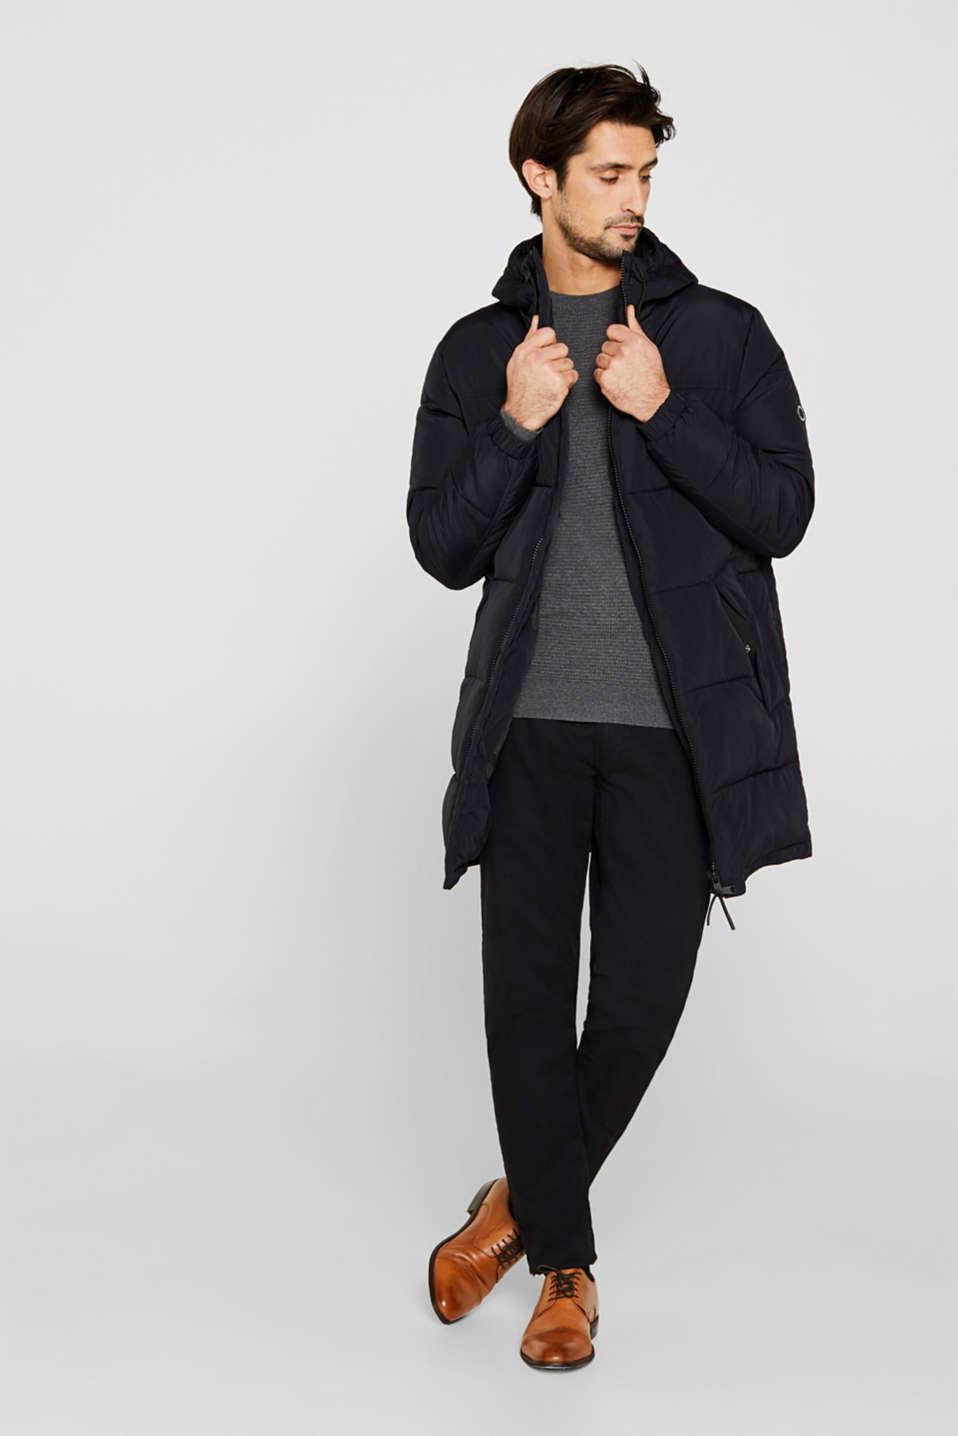 Cashmere blend: textured knit jumper, DARK GREY 5, detail image number 1